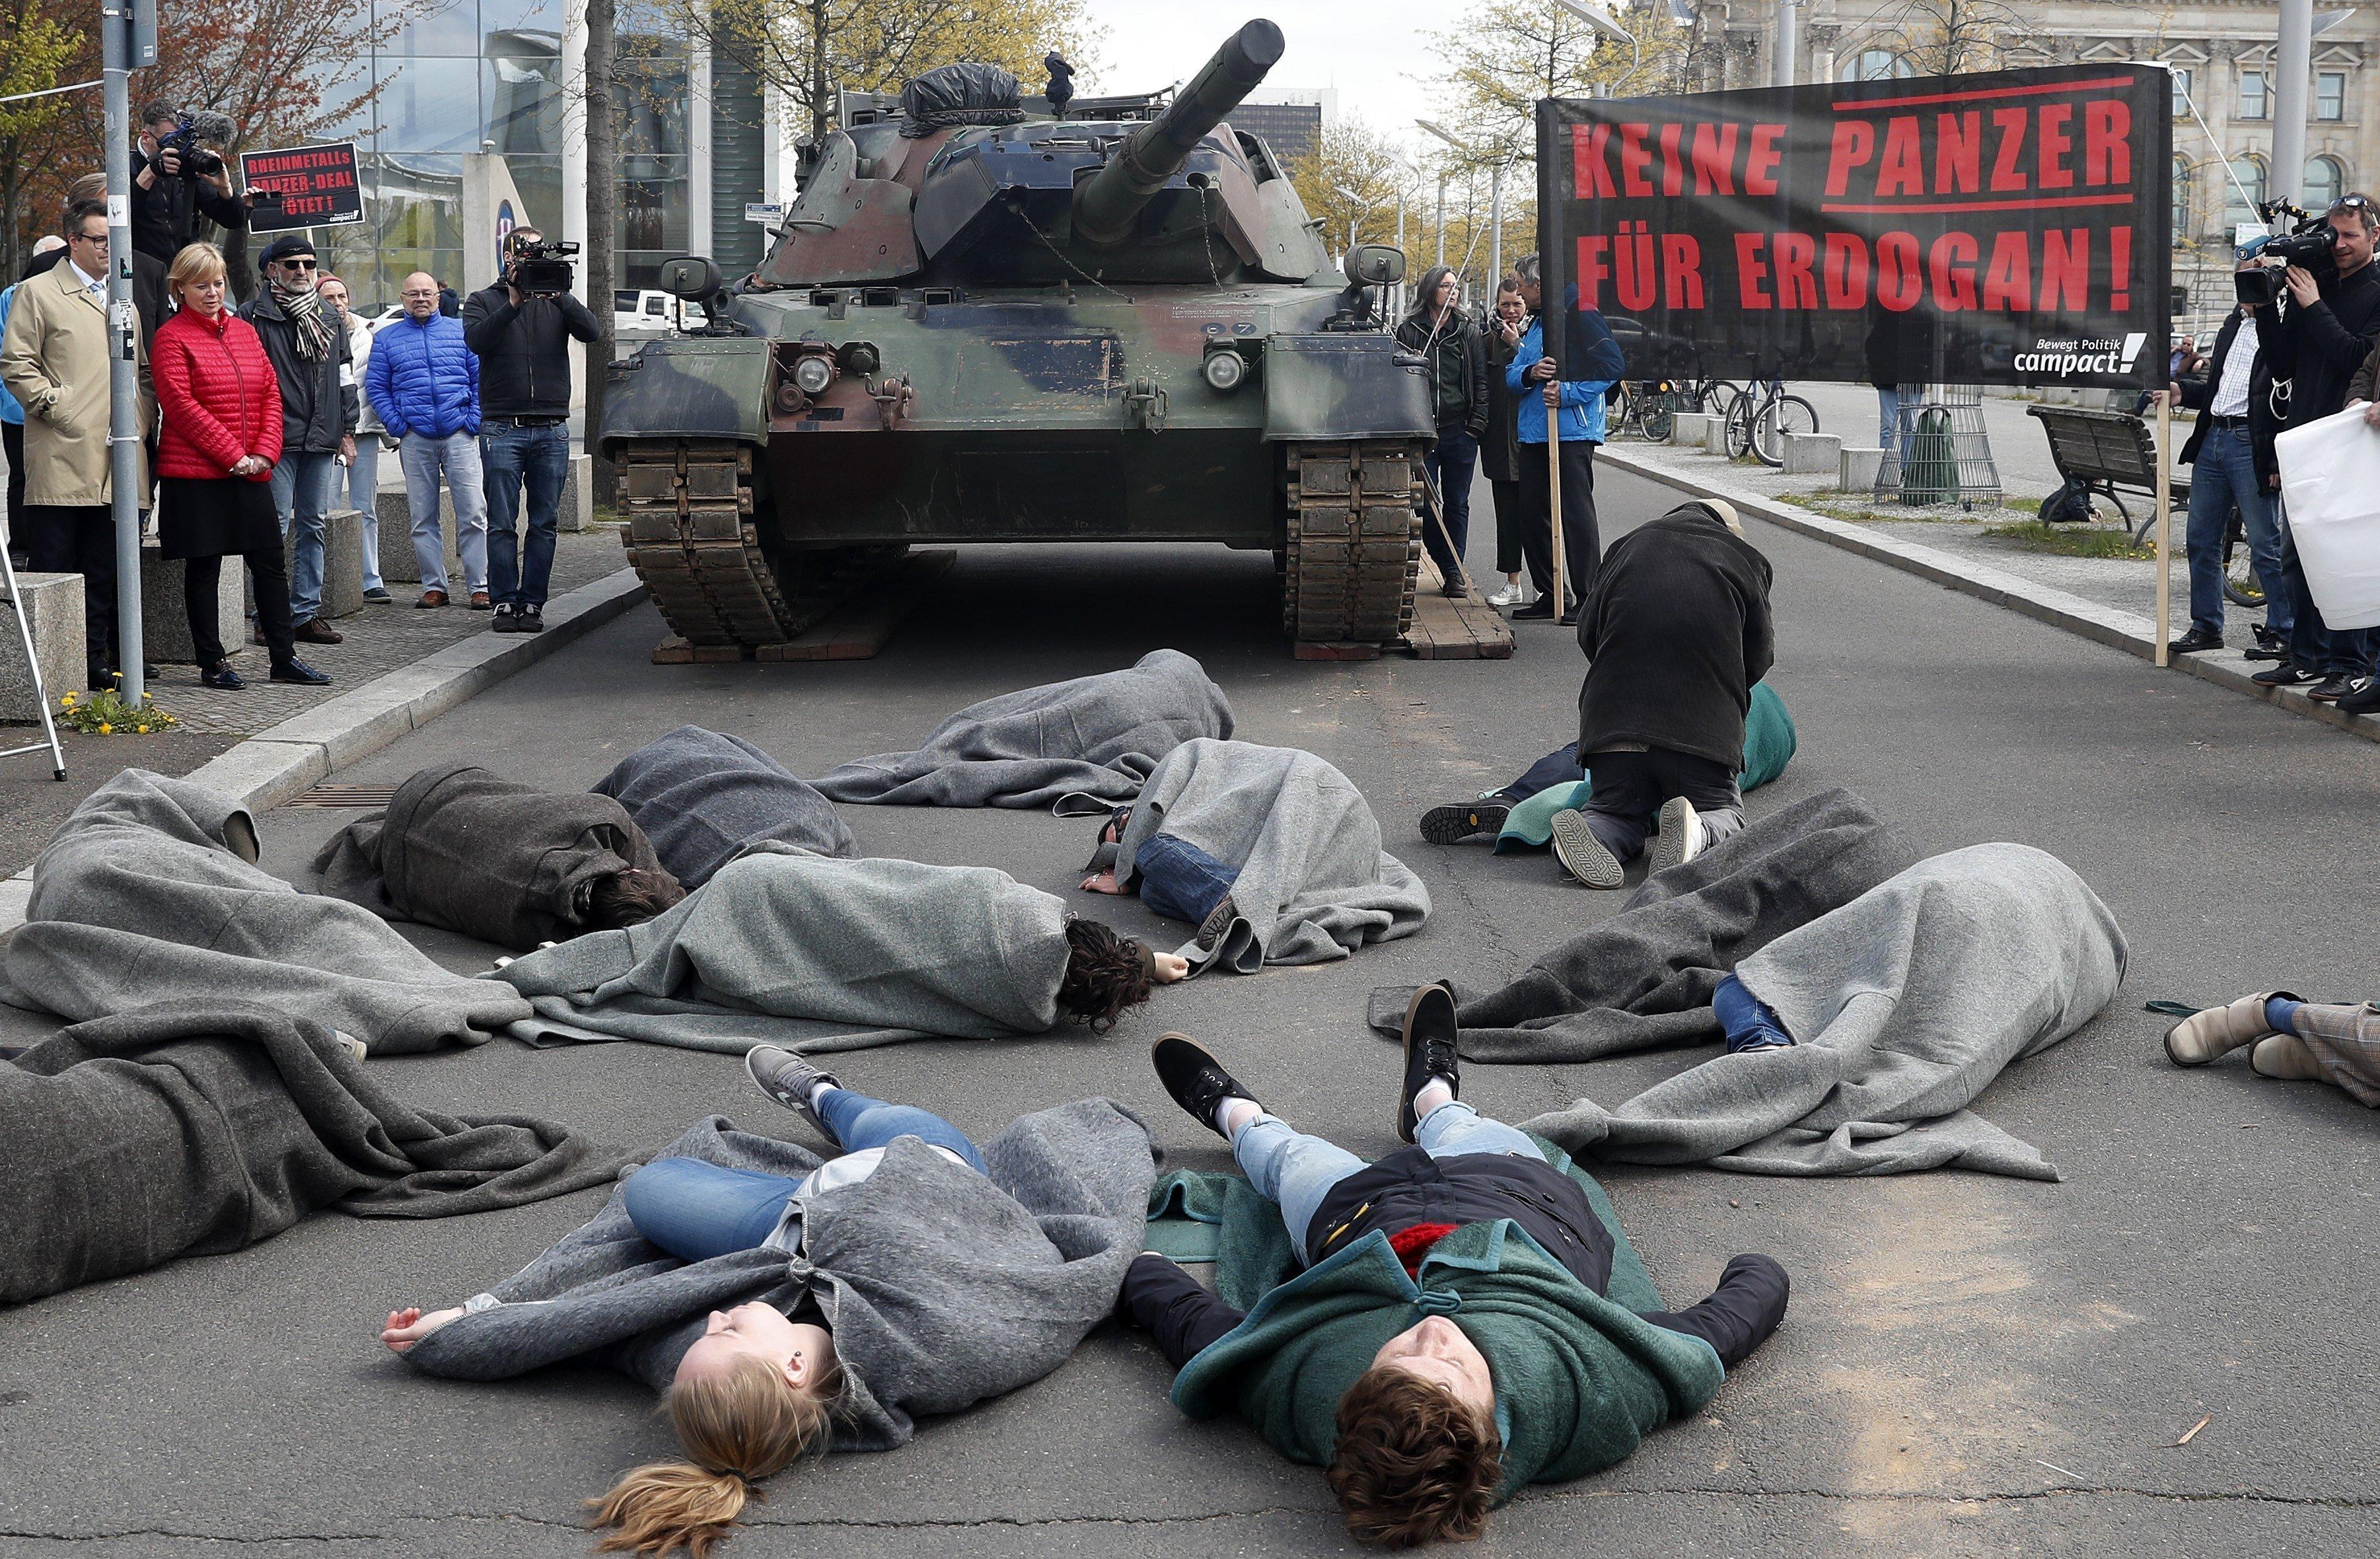 Protestes contra la construcció d'una fàbrica de vehicles militars a Turquia. / FELIPE TRUEBA